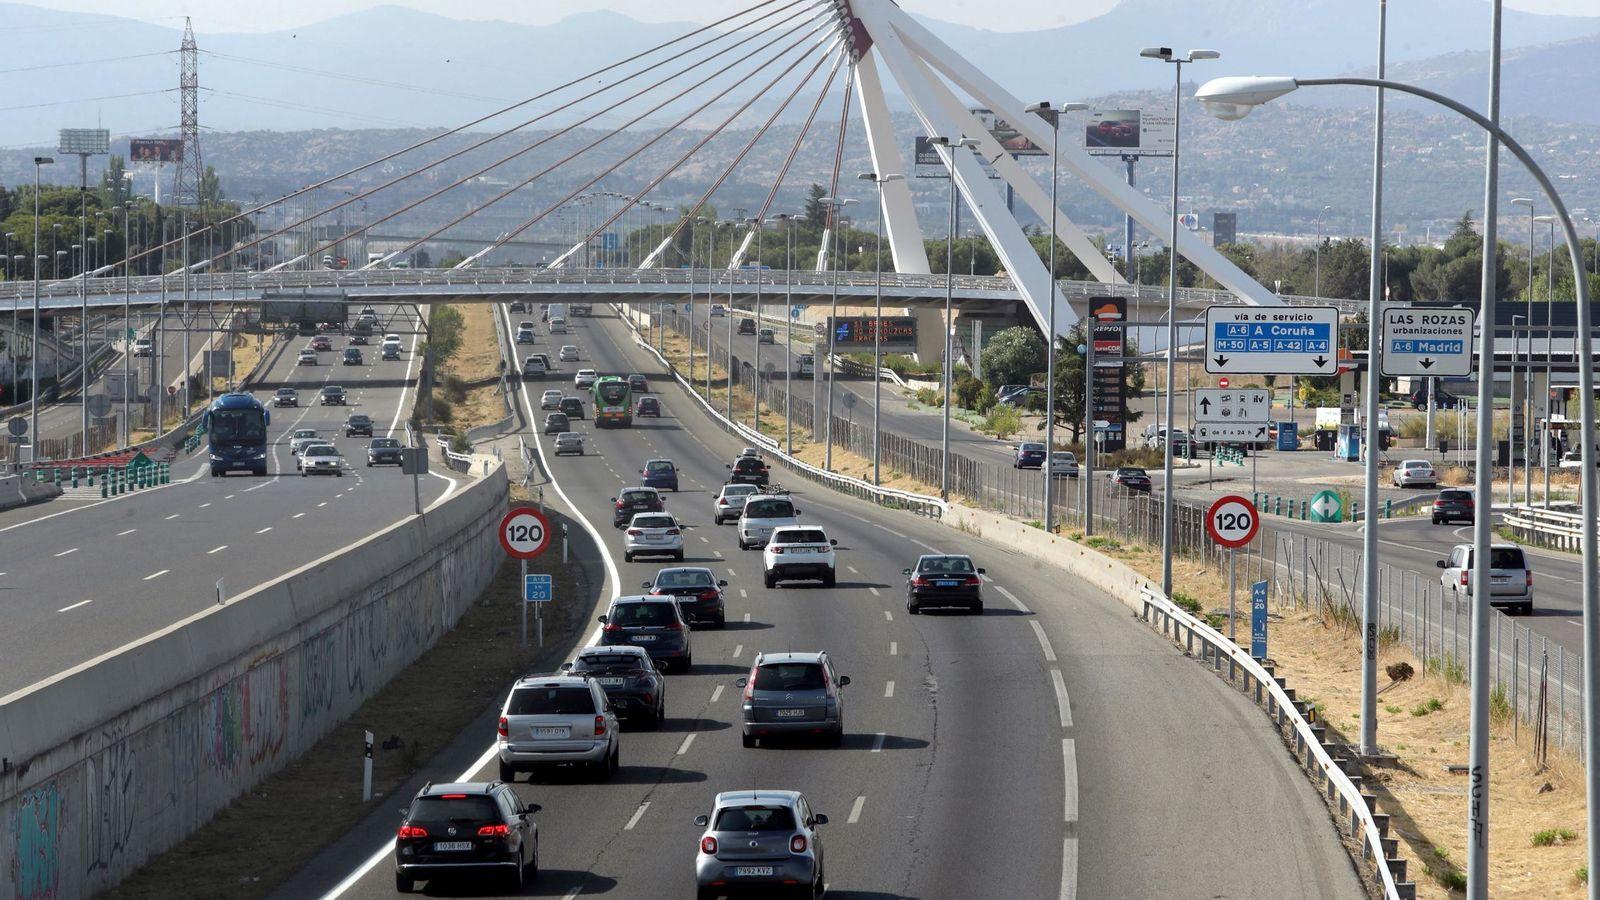 Foto: Autovía A-6 a su paso por Las Rozas de Madrid durante el pasado mes de julio. (EFE)